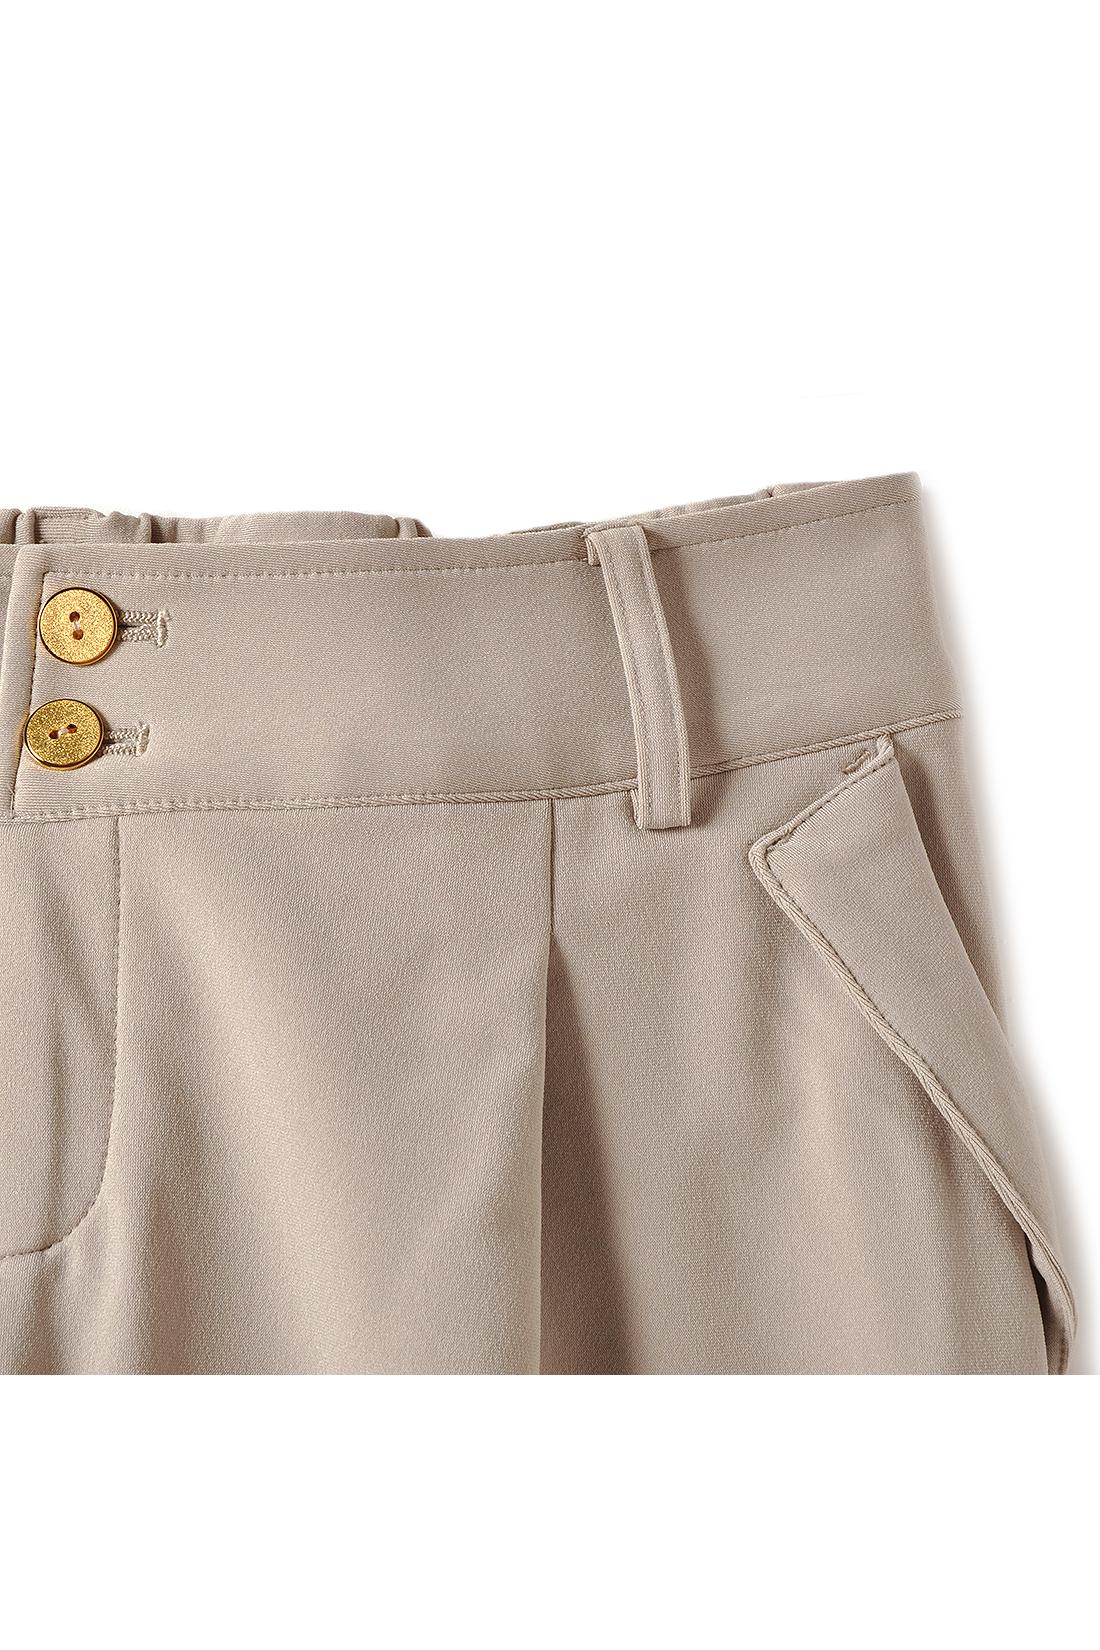 ベルト部分をV字に切り替え、脚長効果をプラス。縦に並んだゴールドボタンが女性らしい印象です。フロントに入れたタックが、ふわりとさりげなく腰まわりもカバー。